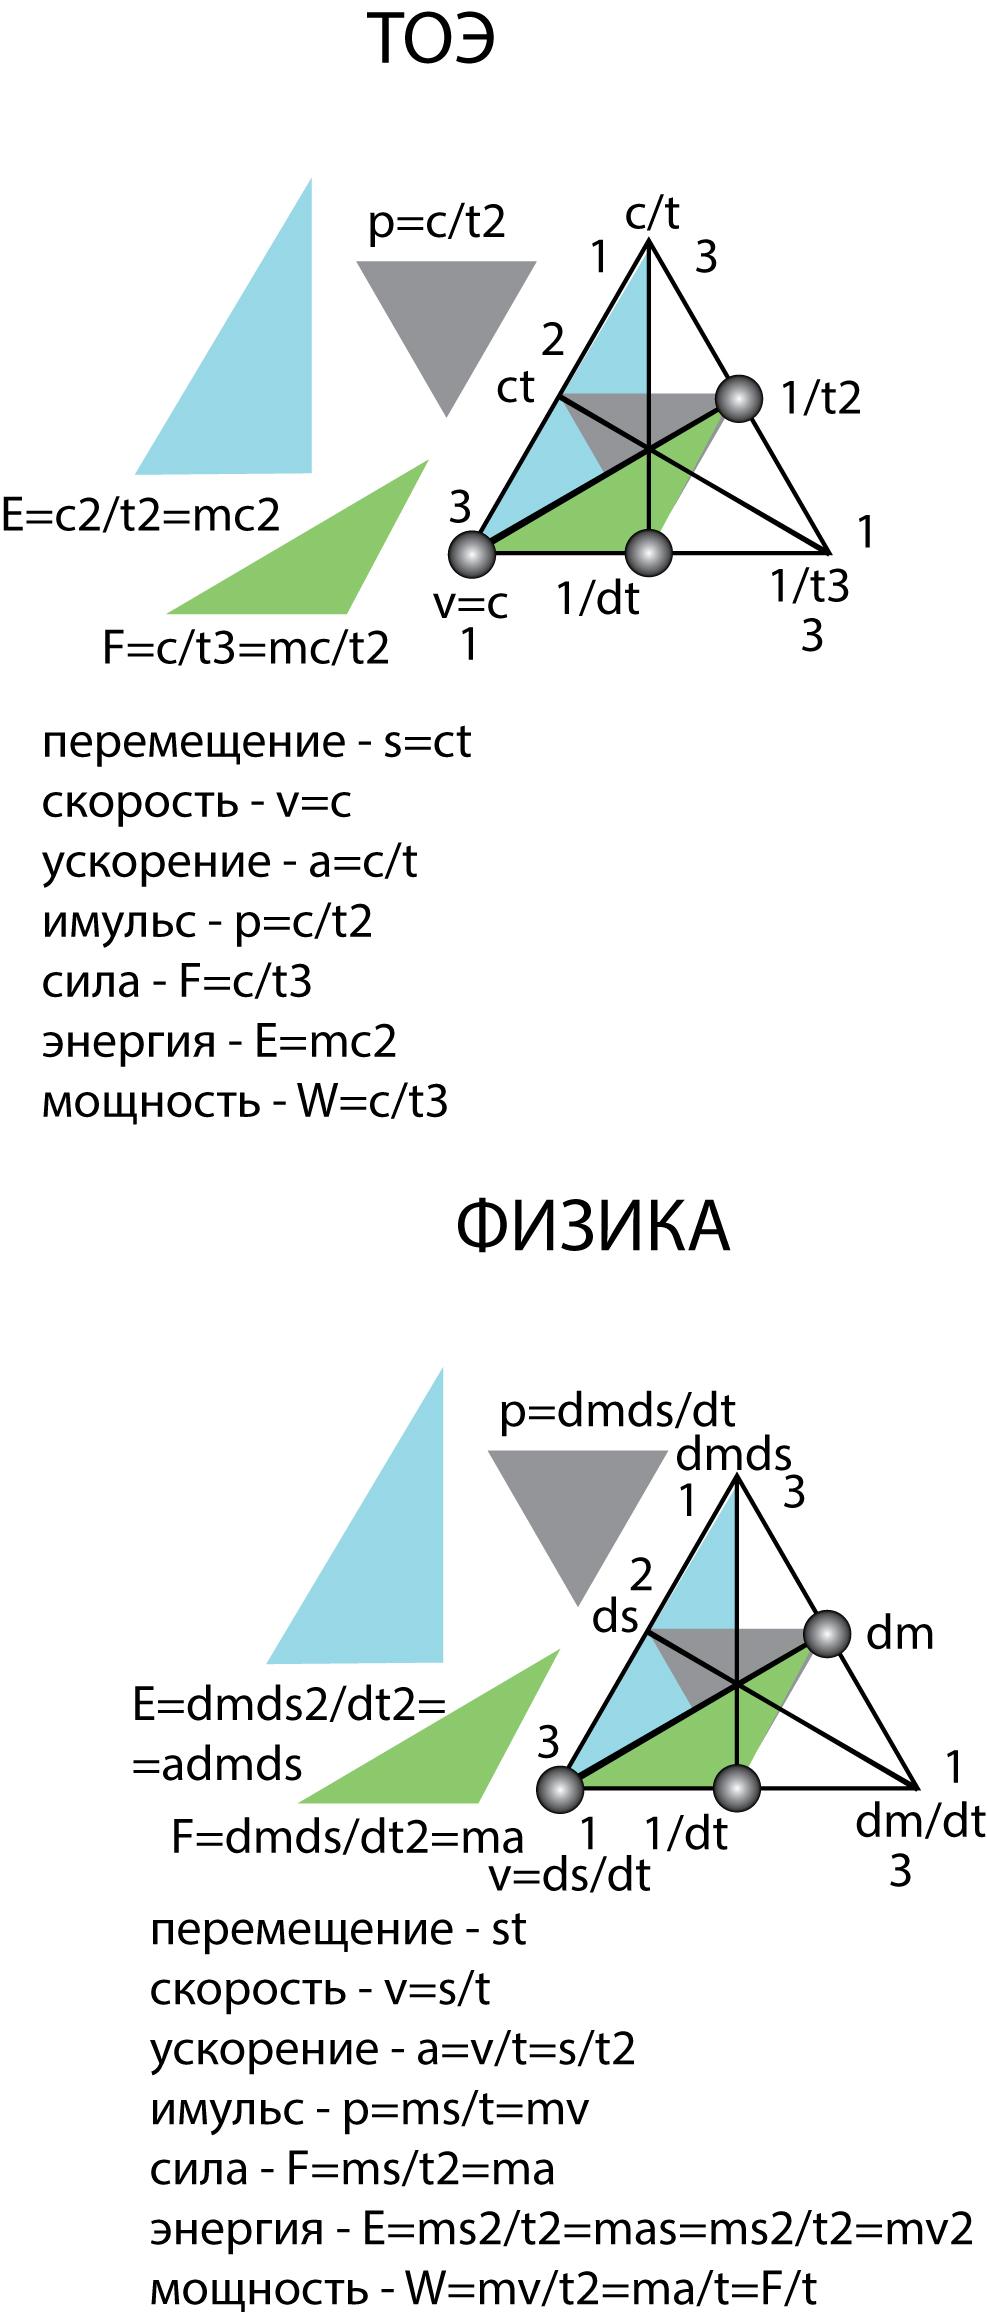 Рисунок 65. Семиотика теории относительности и классической физики.